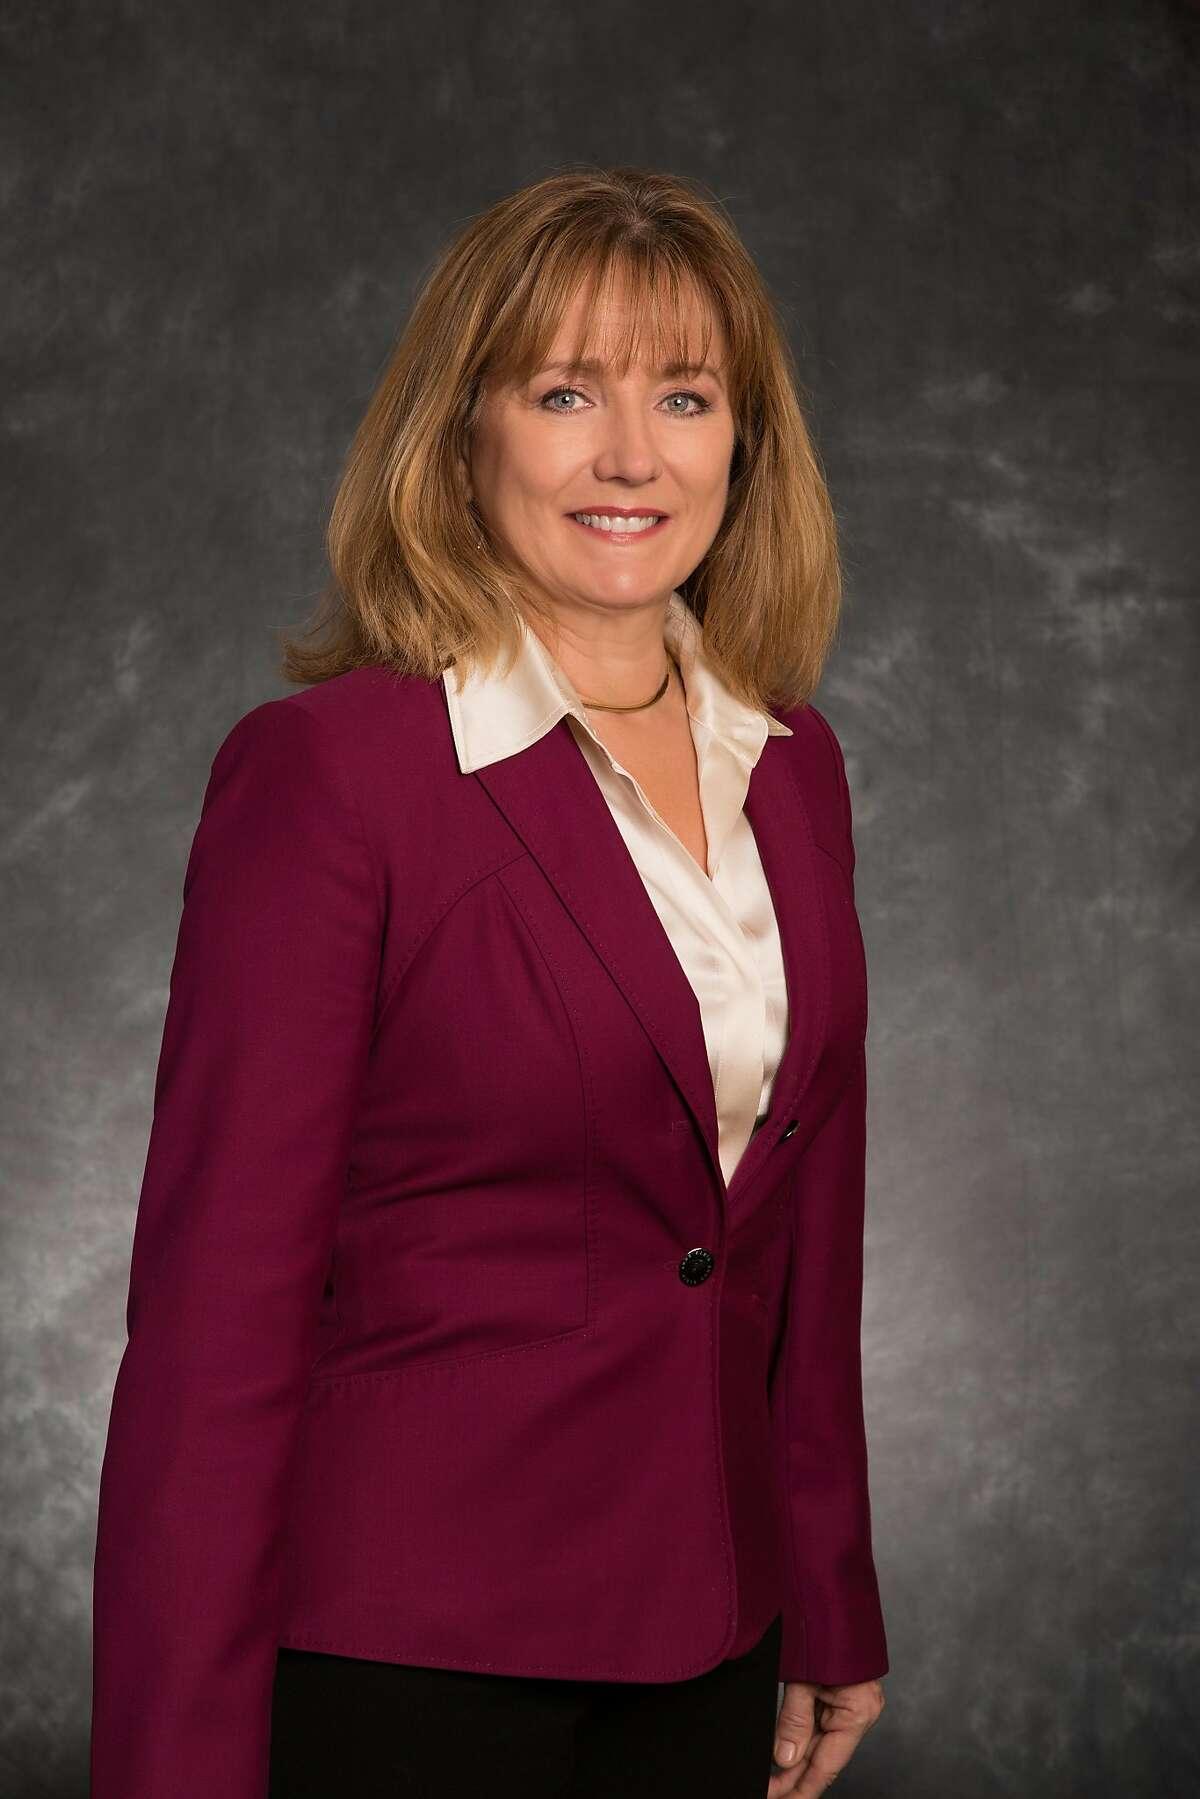 BART Director Debora Allen